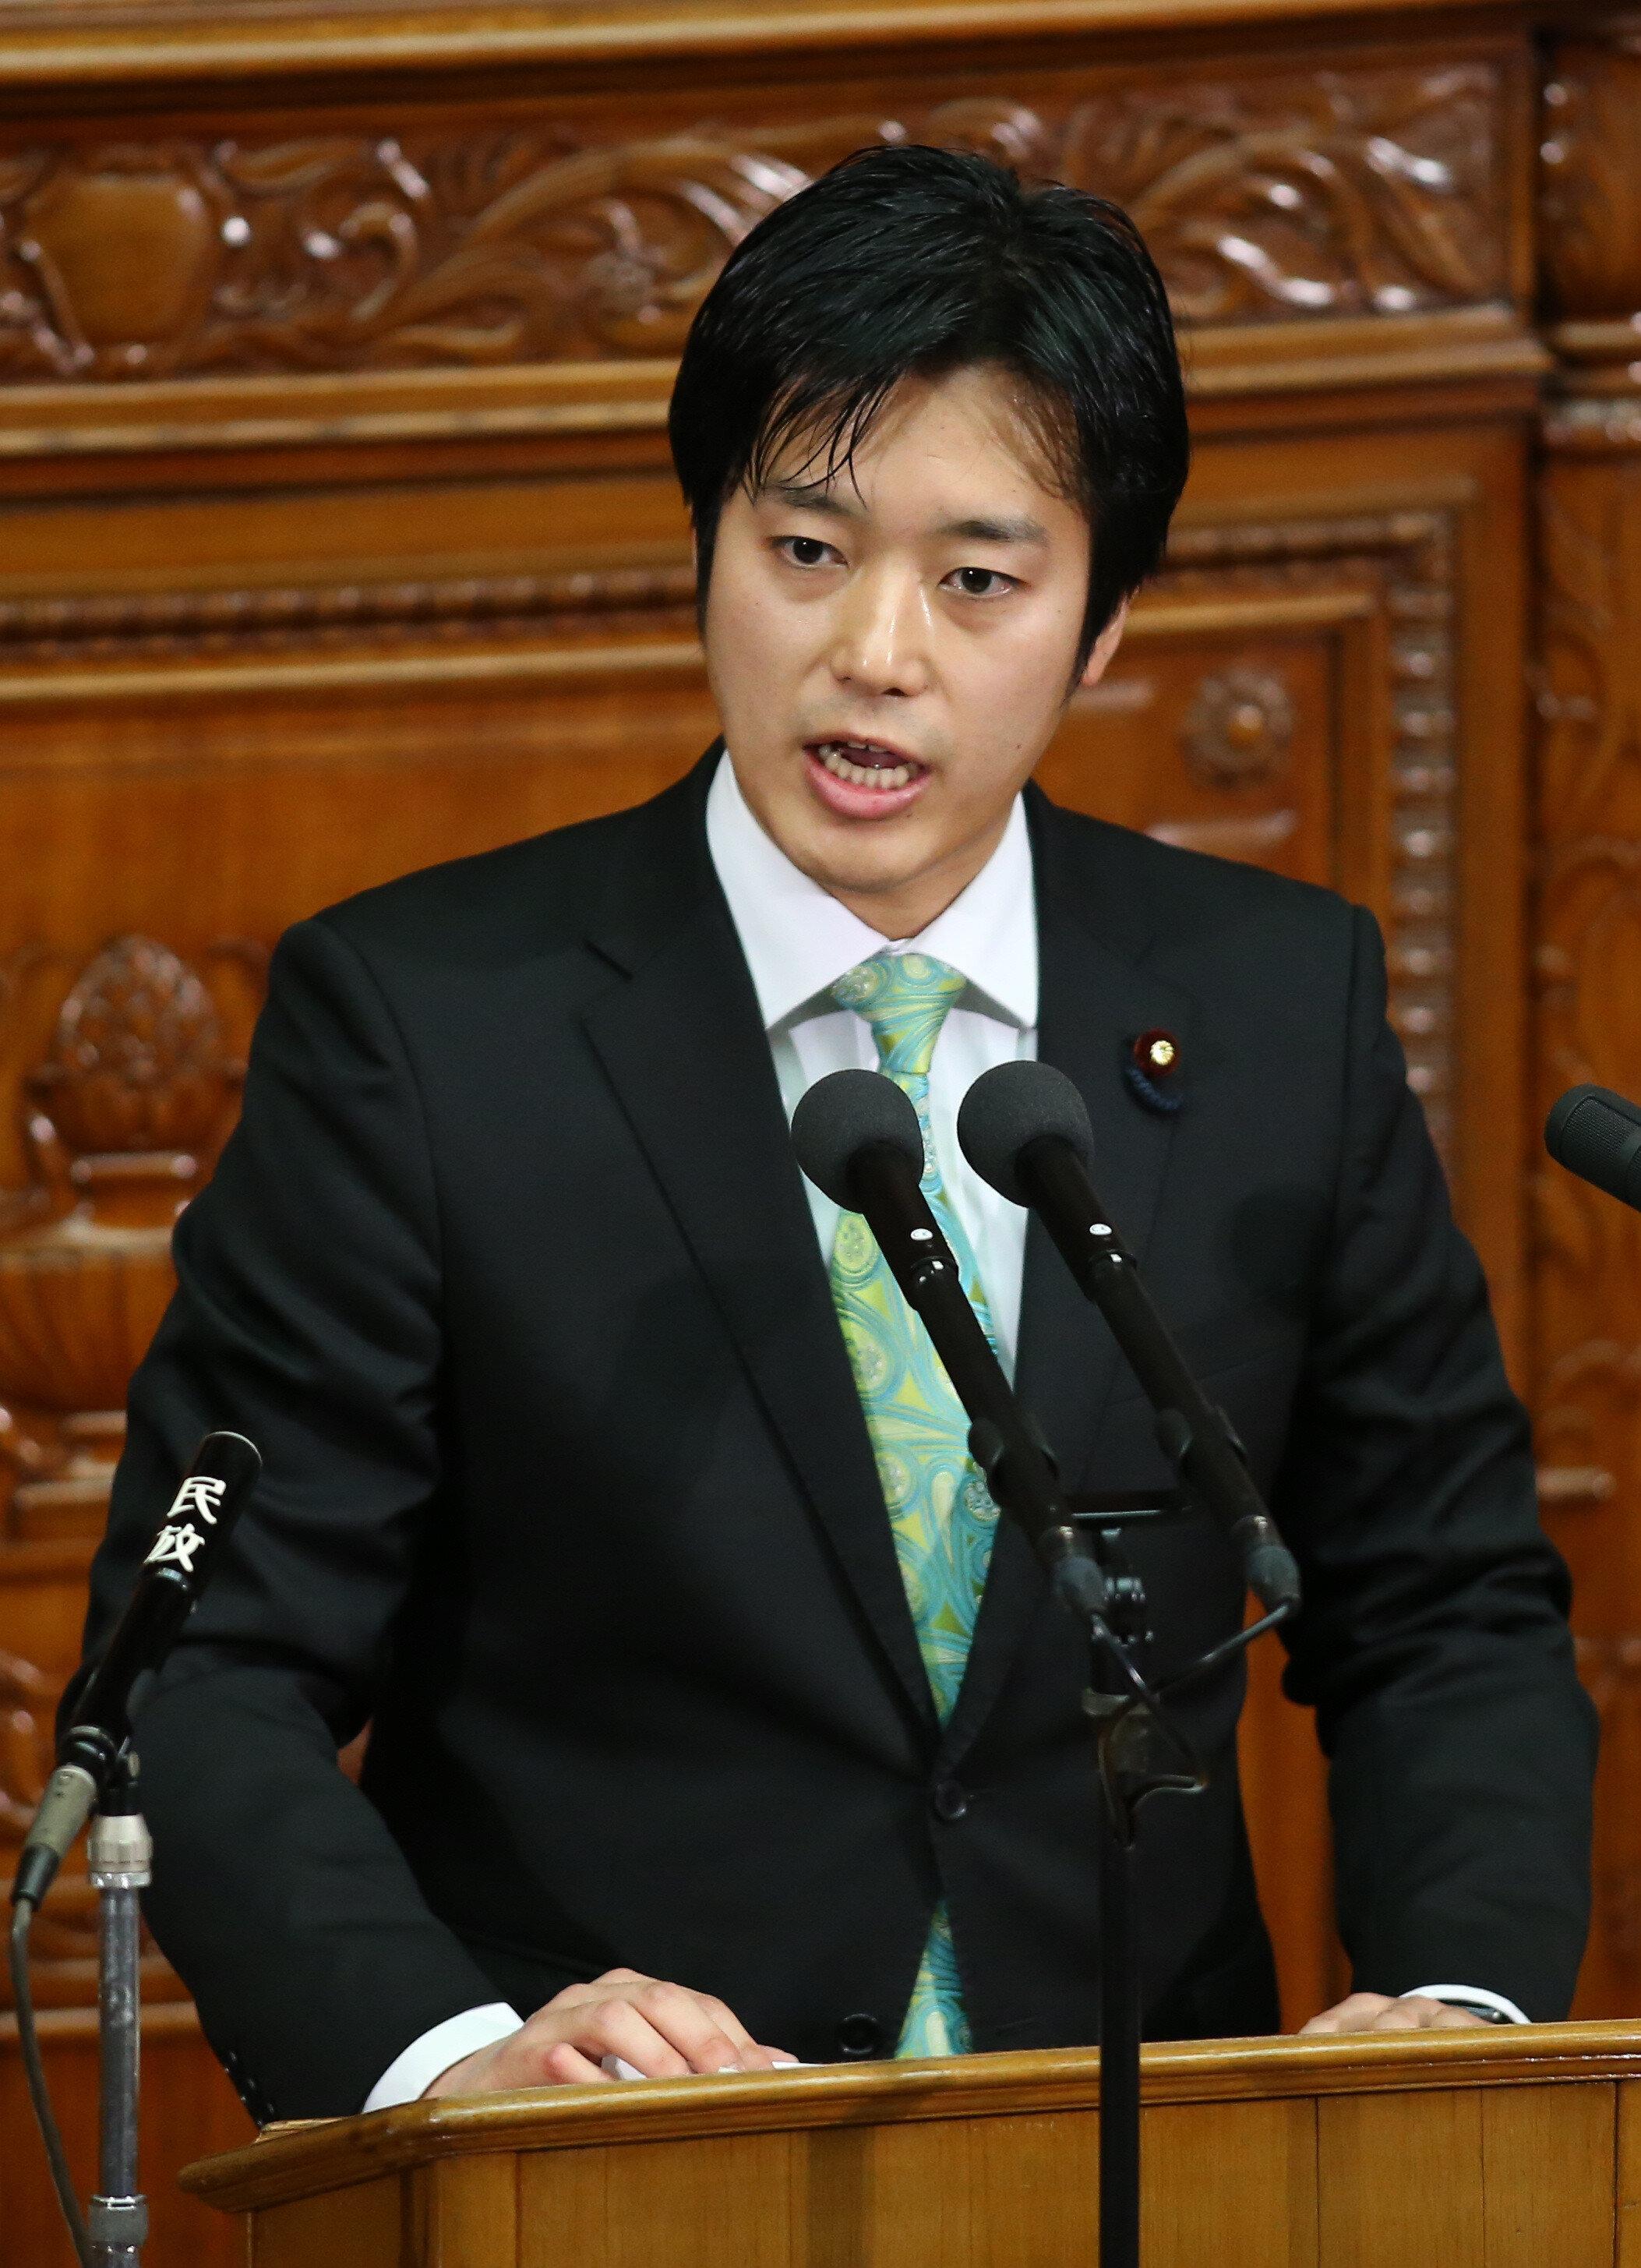 丸山穂高議員、日本維新の会幹部がロシアの駐日大使に謝罪したことをTwitterで批判